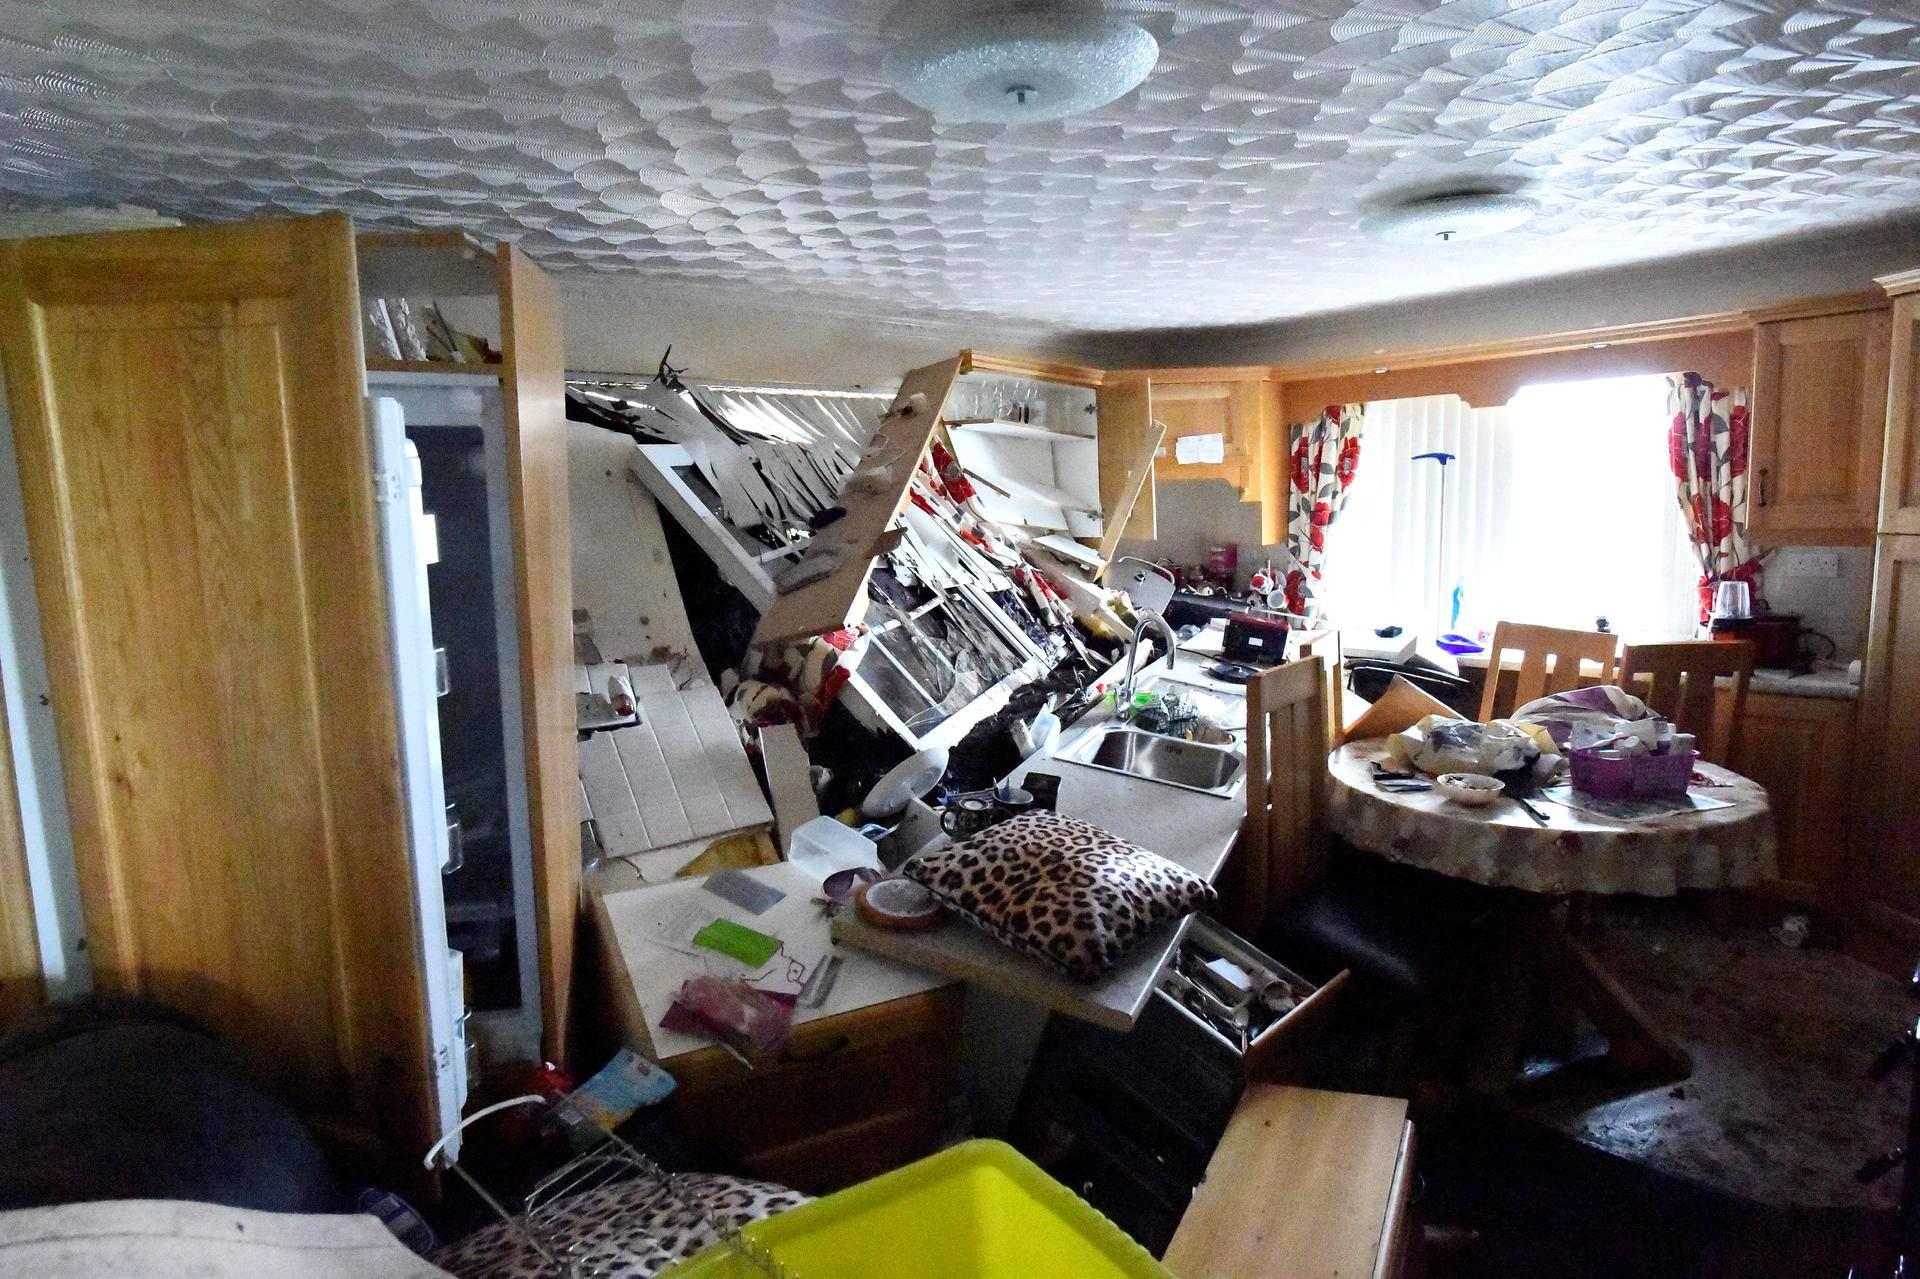 Bernie Kearneyn keittiö tuhoutui vuolaiden sateiden aiheuttaman maanvyöryn seurauksena kivenjärkäleen ja Kearneyn oman auton työnnyttyä hänen kotinsa seinän läpi Urrisin laaksossa, Irlannissa.